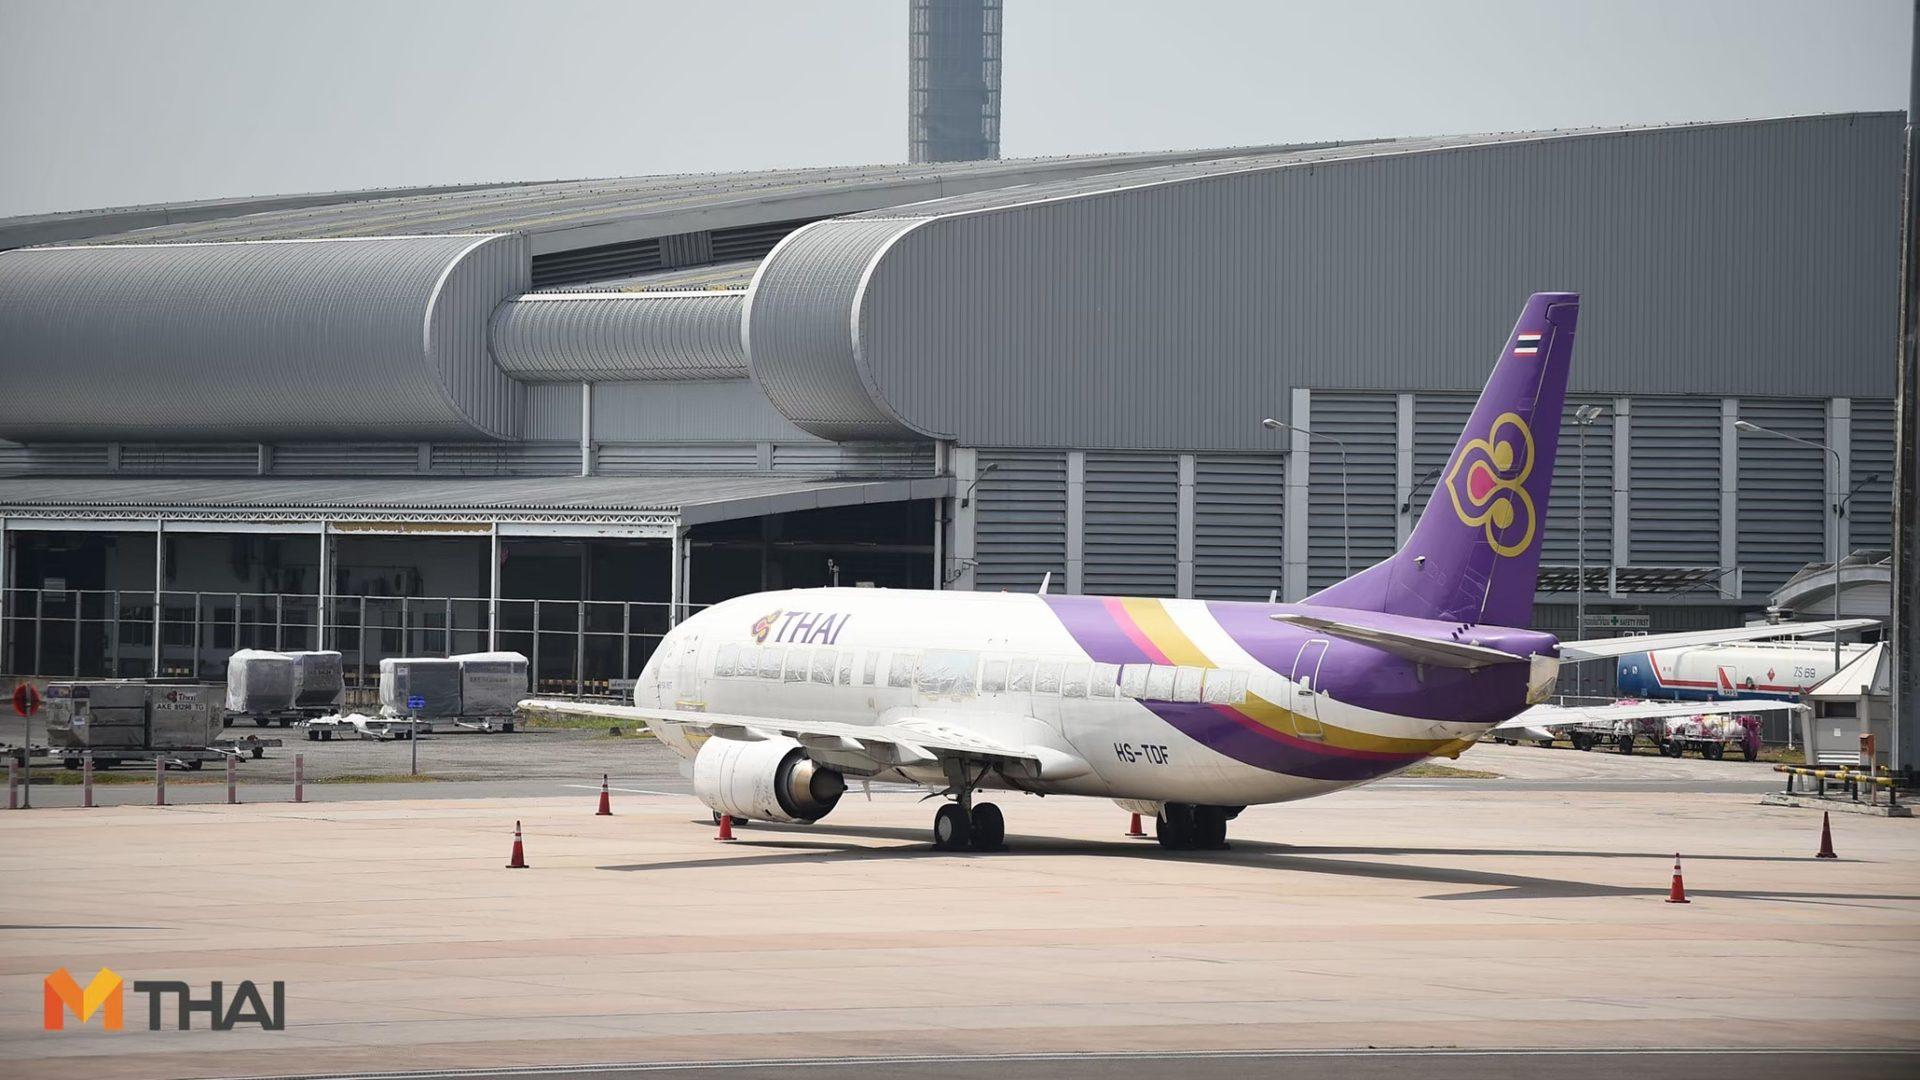 พนักงานการบินไทย สมัครใจลาออก 4,977คน เสียสละเพื่อองค์กร